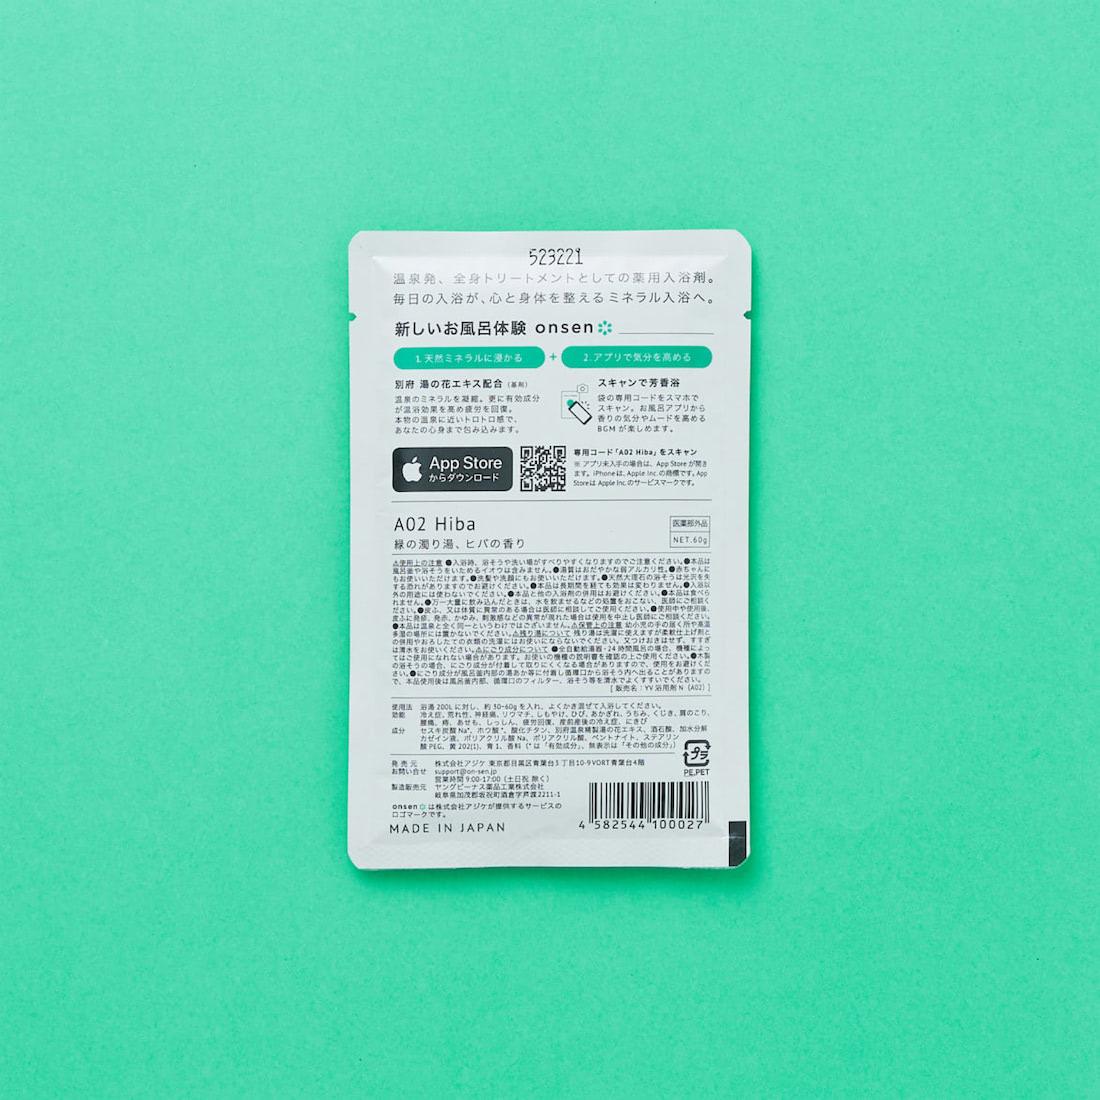 薬用入浴剤 デイリーミネラル A02 Hiba(浄化の気分漂う森林へ ヒバの香り) | Onsen*